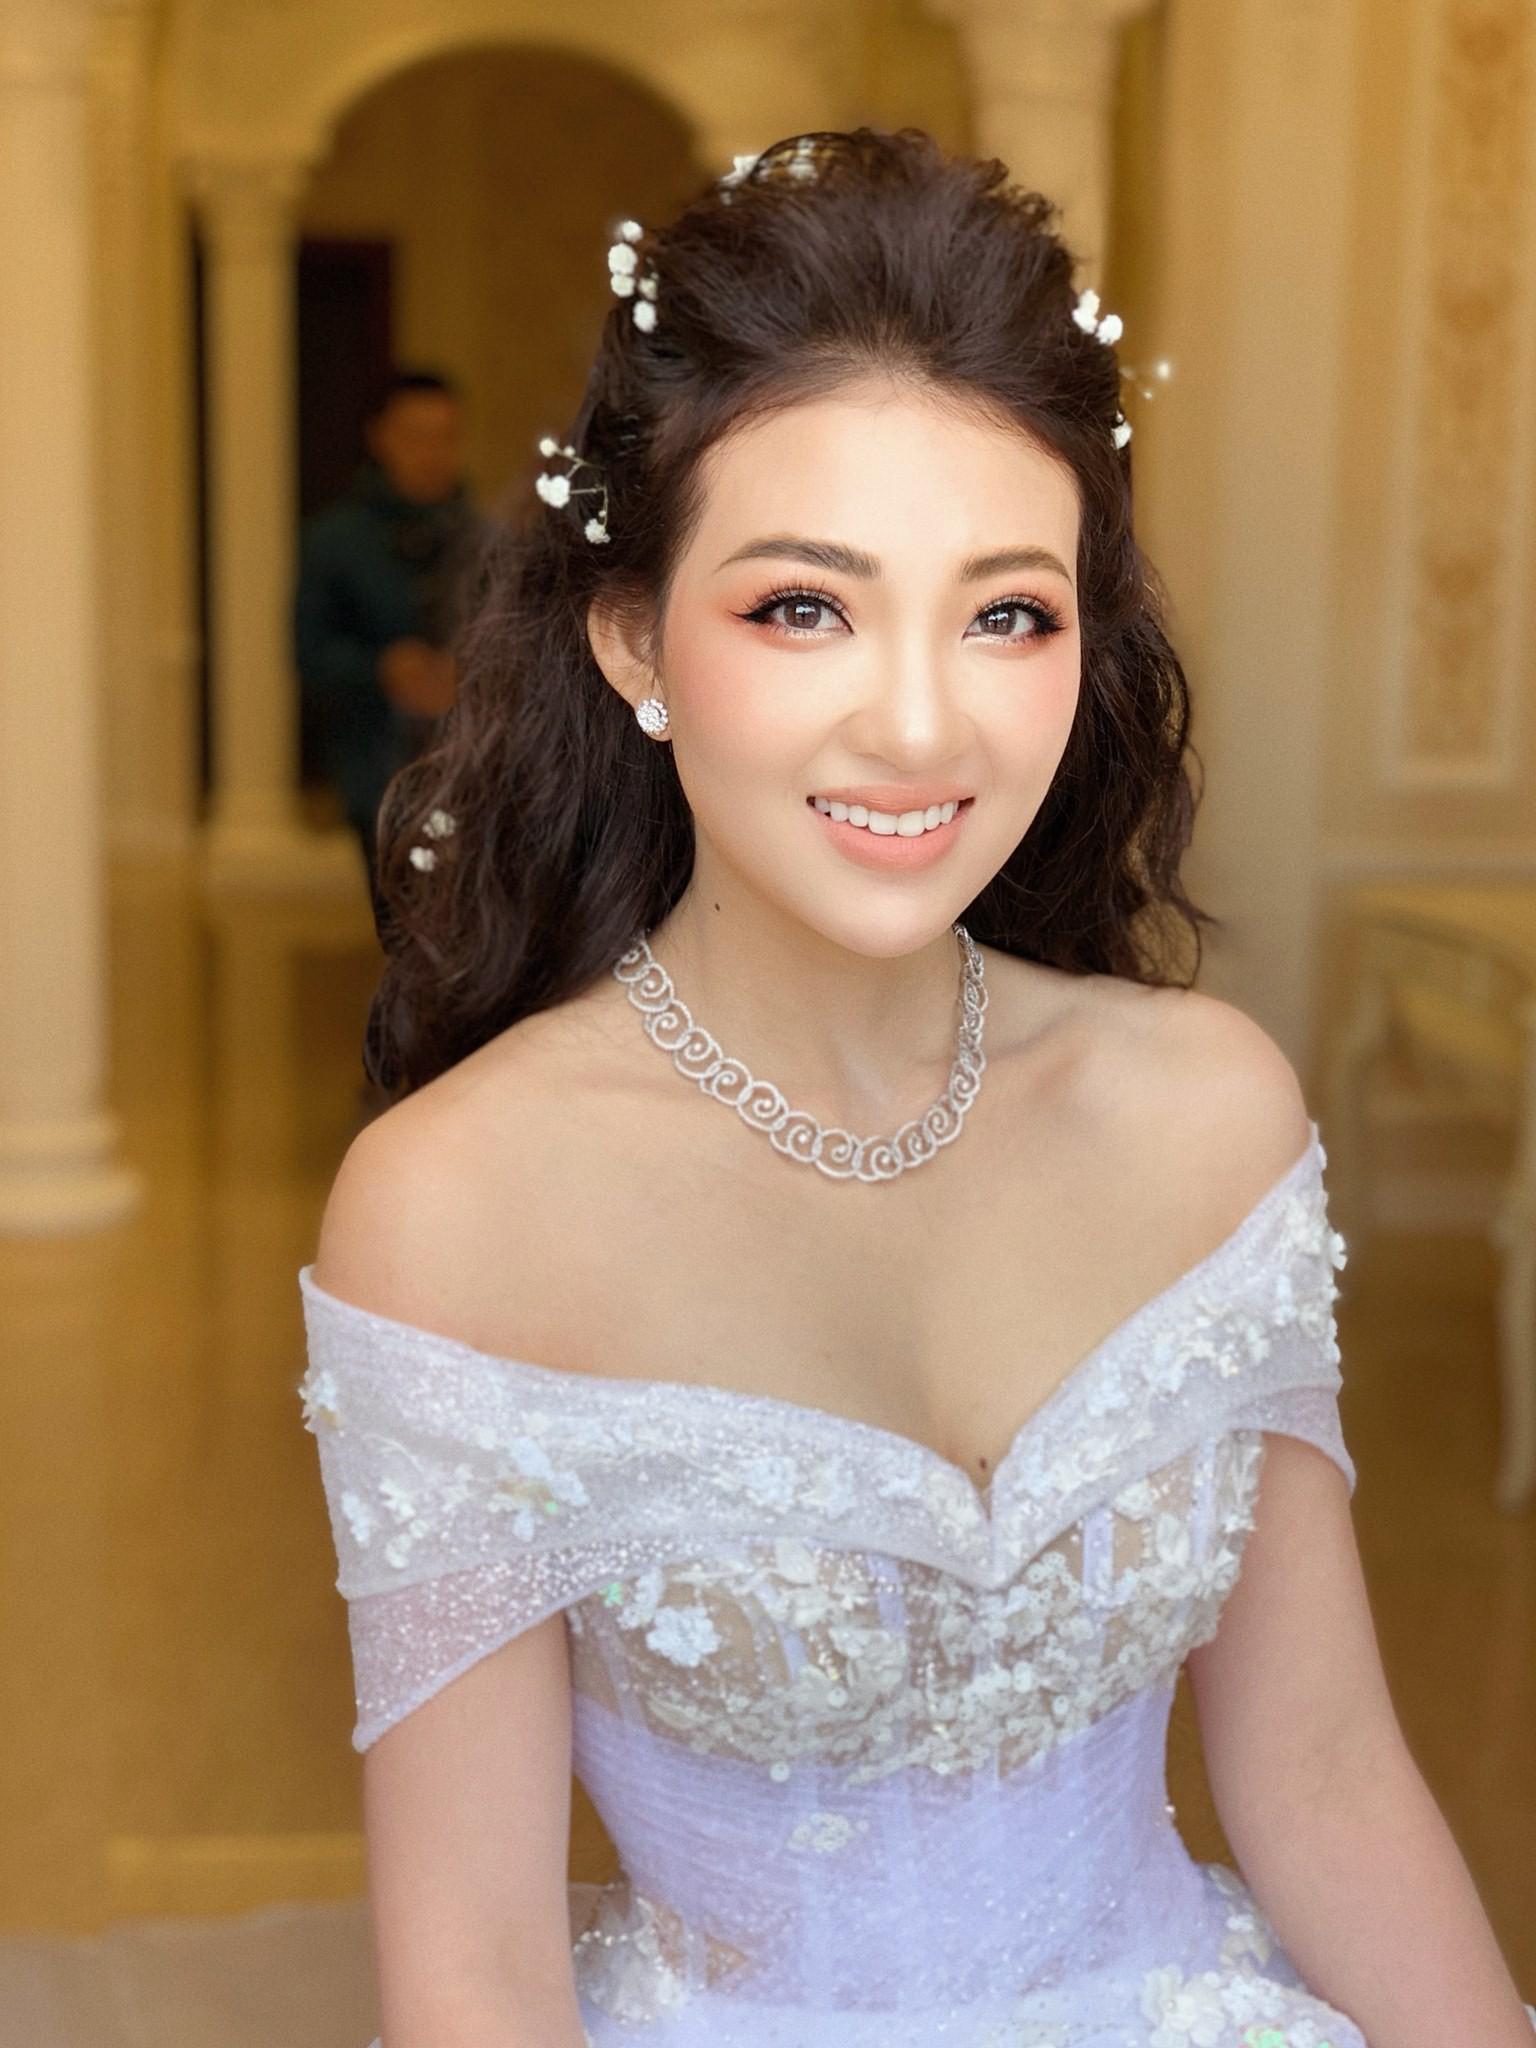 Đám cưới khủng của cô dâu trong lâu đài 7 tầng: Gây chú ý không kém là bộ trang sức đính kim cương 9 tỷ, nhiều món là bản giới hạn-2